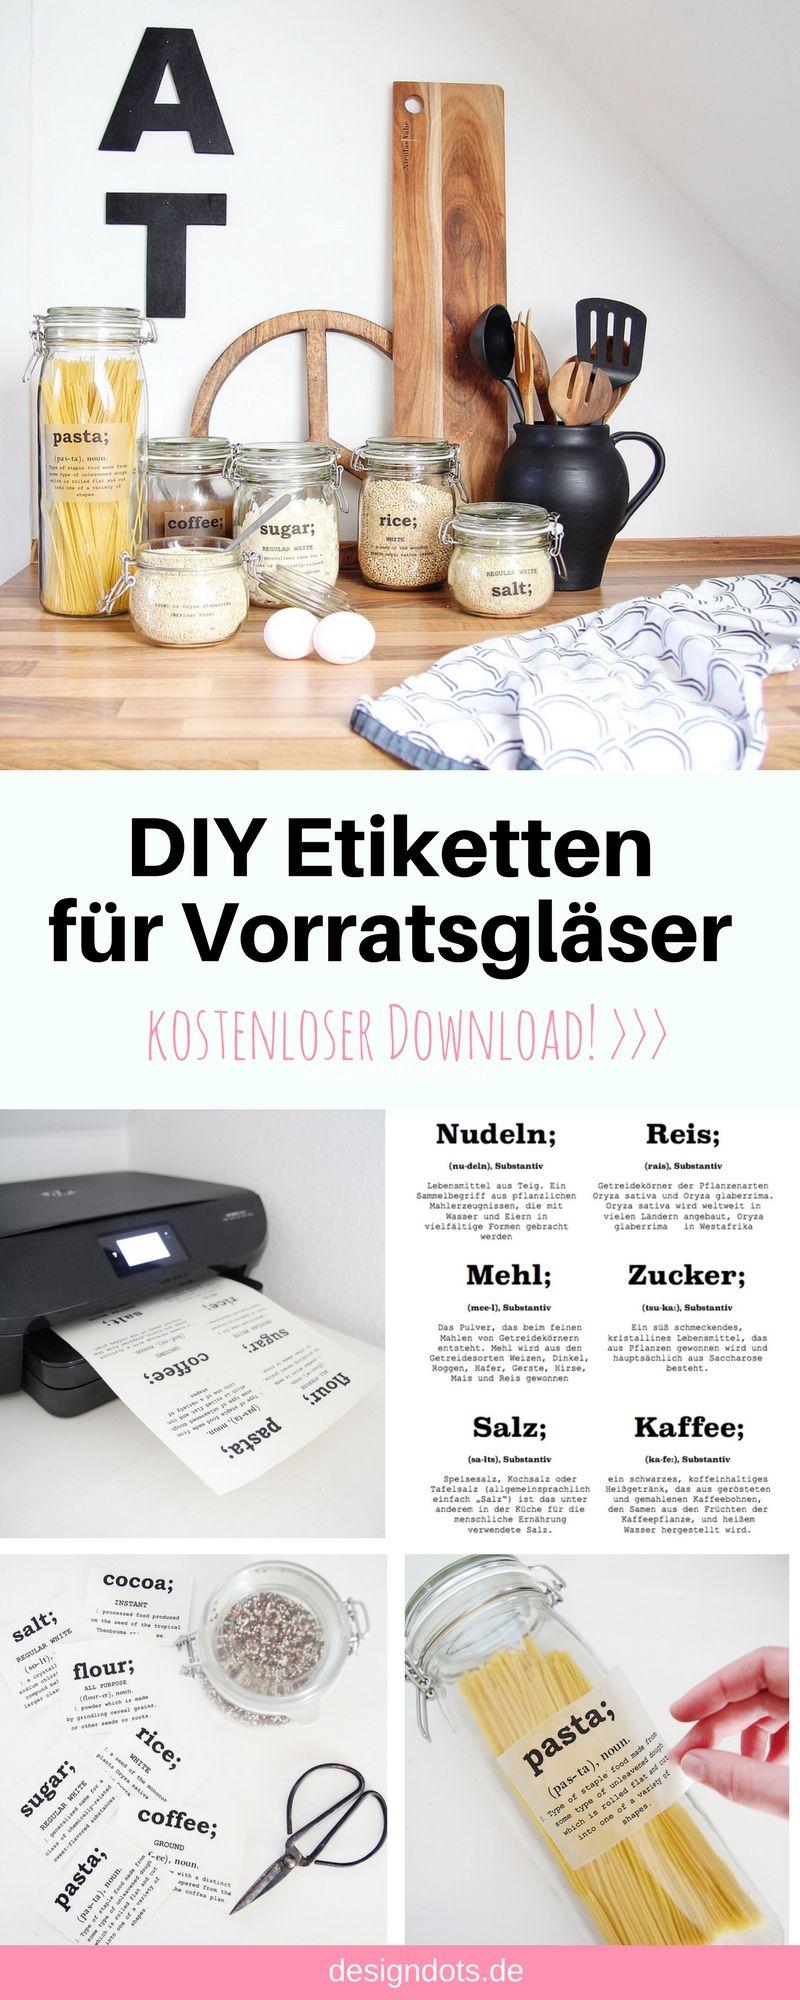 diy etiketten f r vorratsgl ser zum ausdrucken pinterest glas kleben etiketten aufkleber. Black Bedroom Furniture Sets. Home Design Ideas